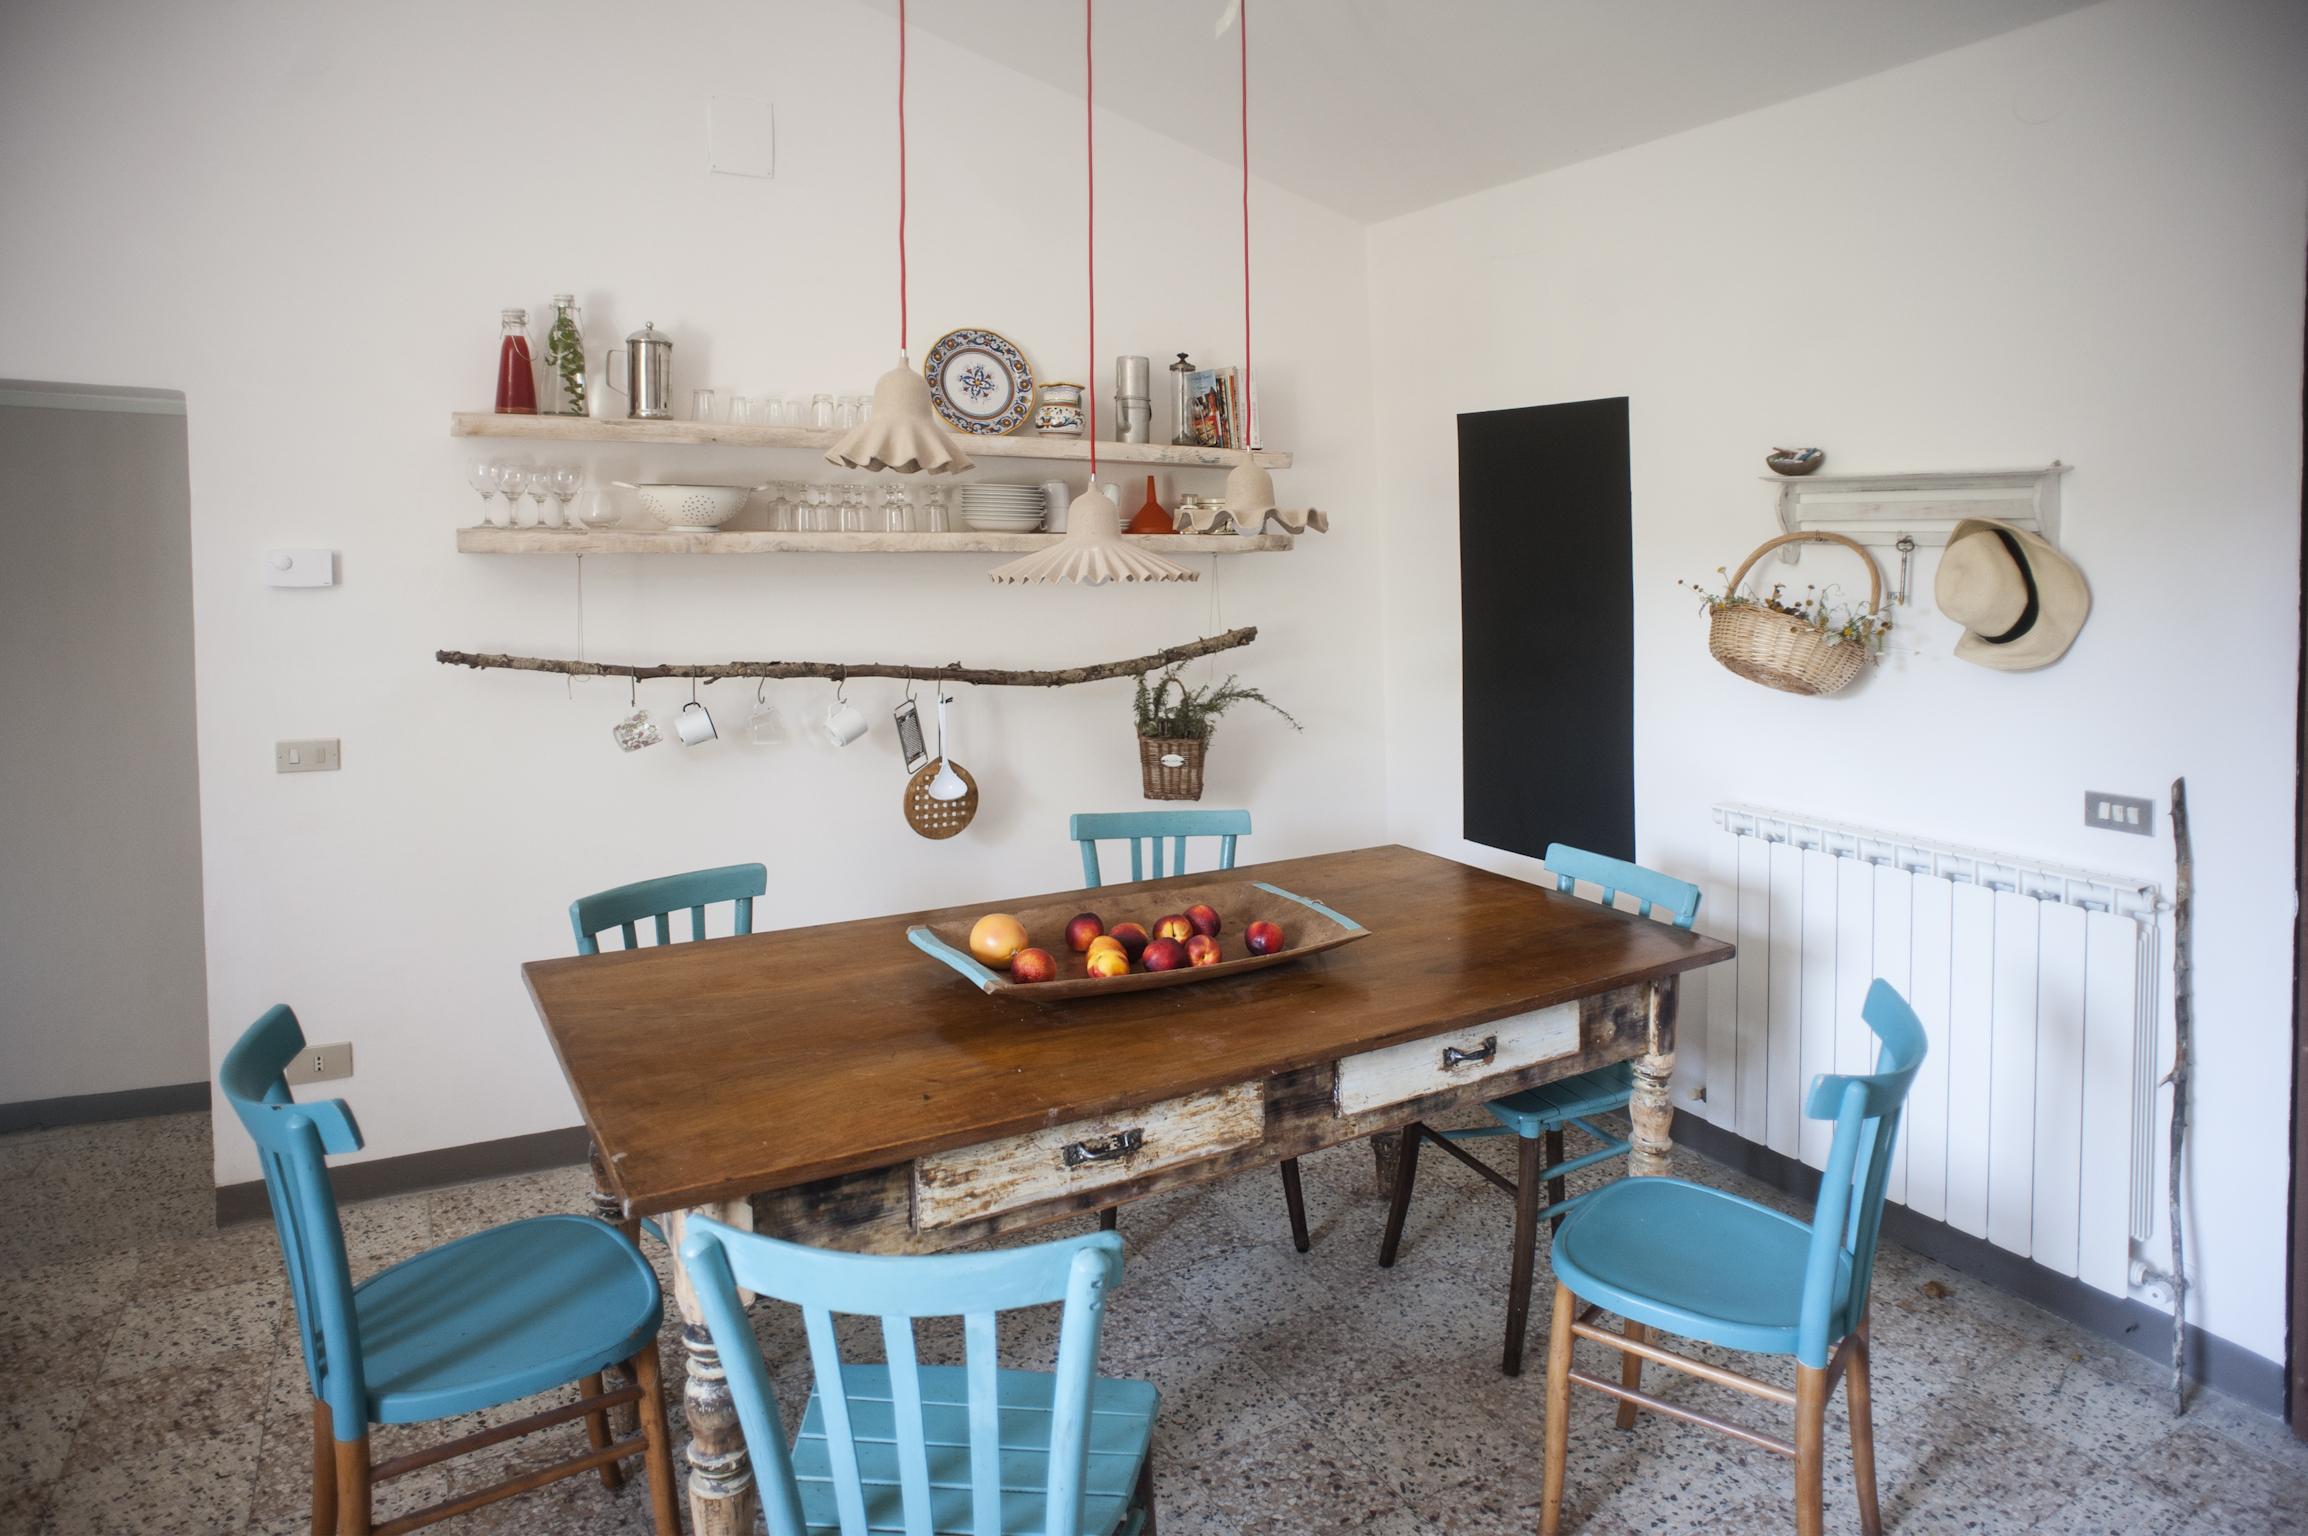 Palazzaccio-Todi- kitchen details